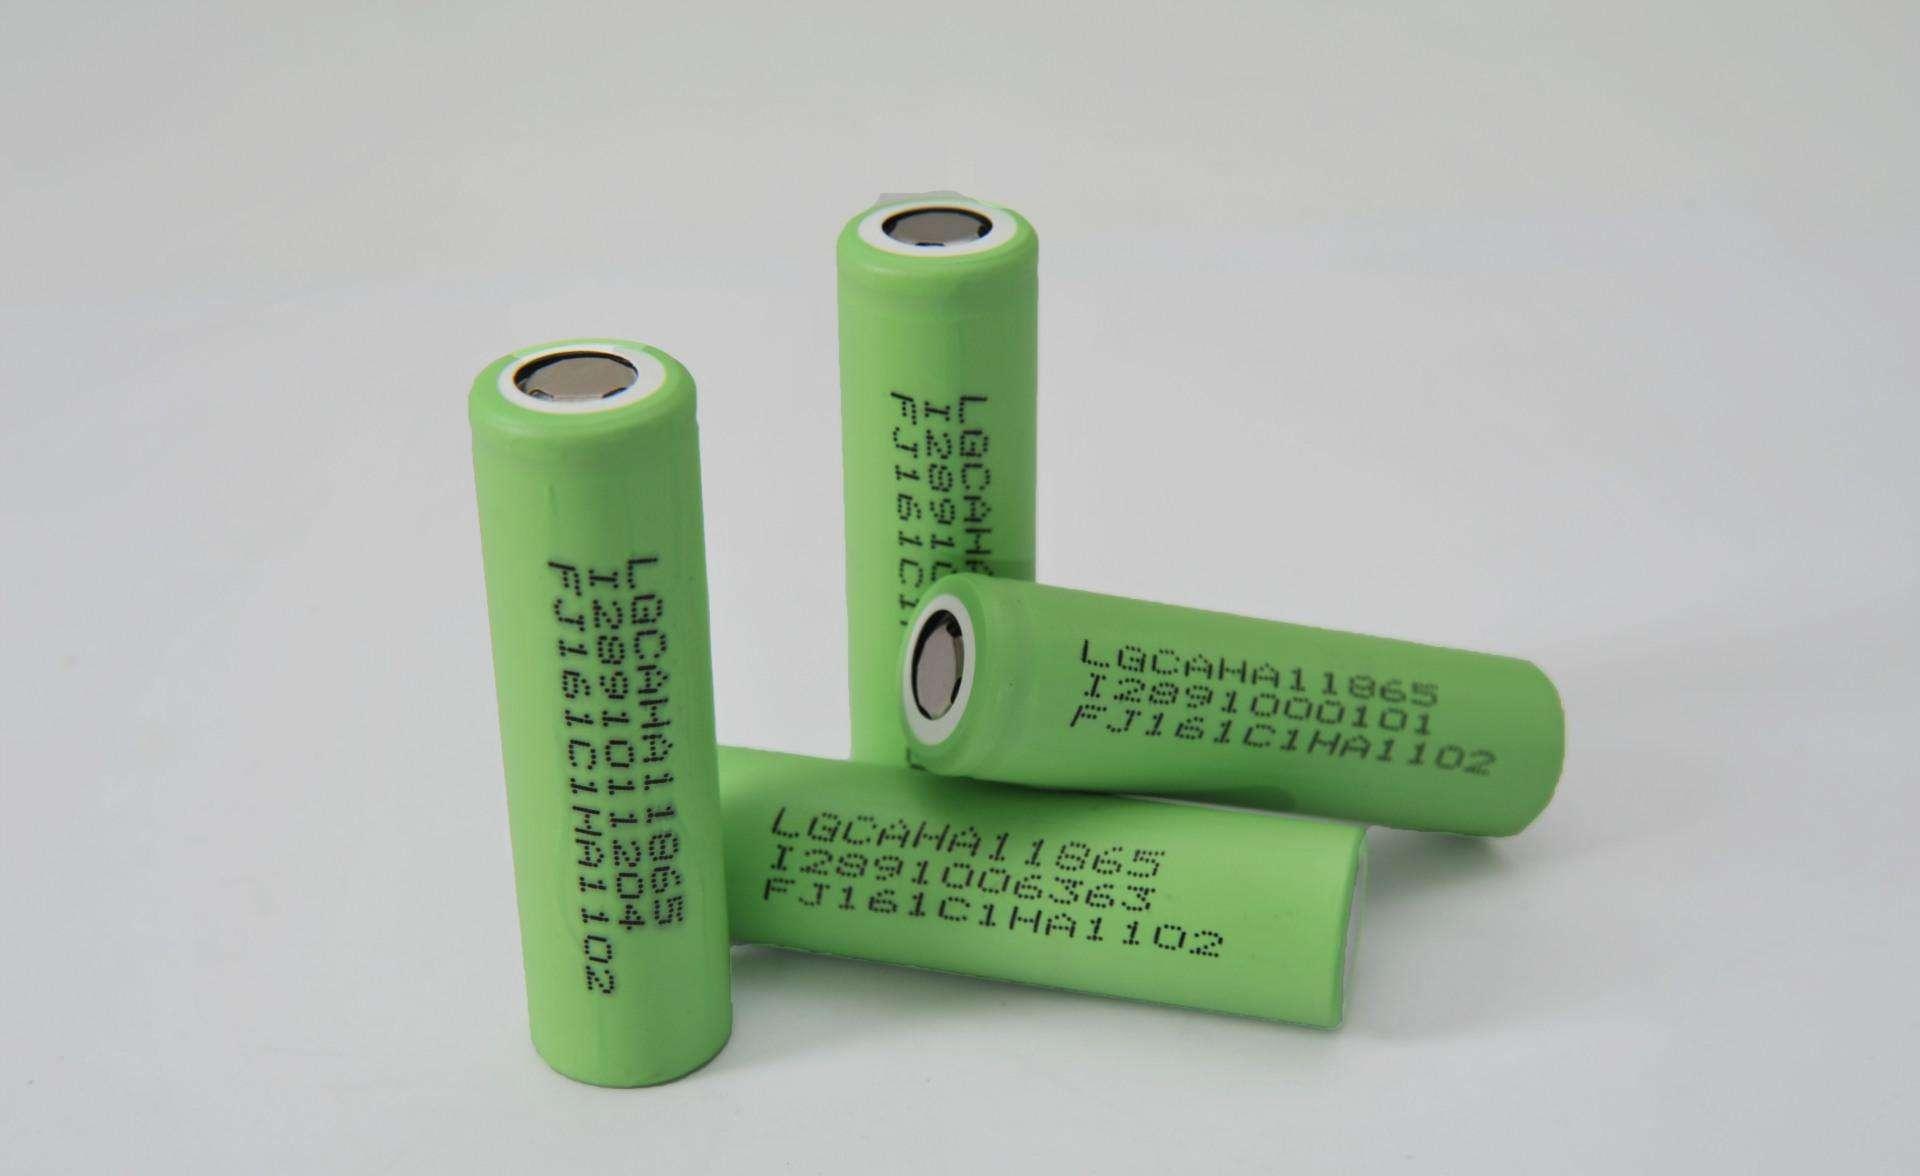 锂电池爆炸的原因有哪些?